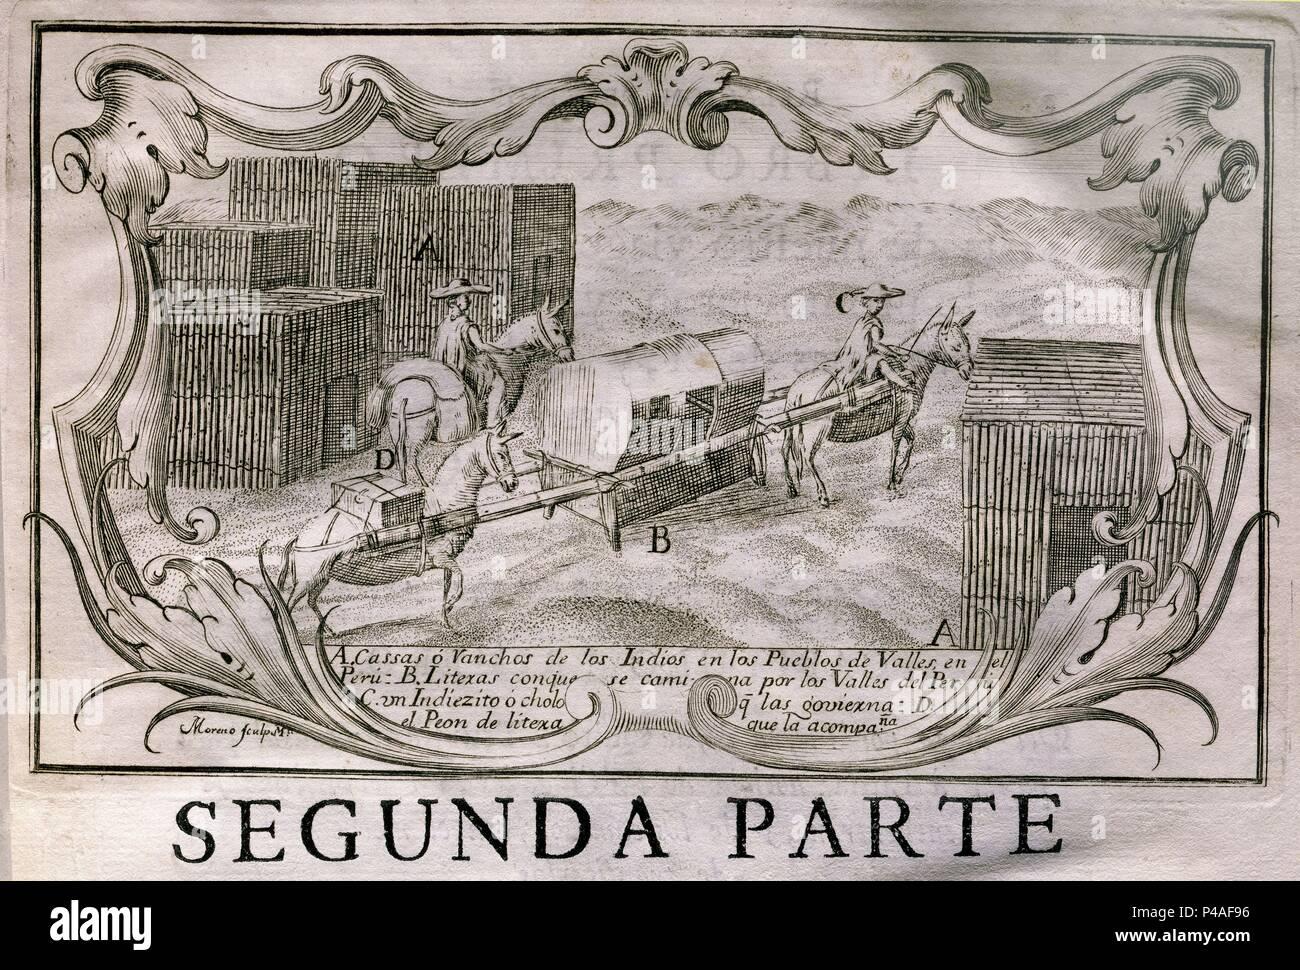 NOTICIAS SECRETAS DE AMERICA (1735-1826) - LAS CASSAS O RANCHOS DE LOS  INDIOS EN LOS PUEBLOS DE VALLES EN PERU - 1748. Author: ULLOA ANTONIO /  JORGE JUAN.